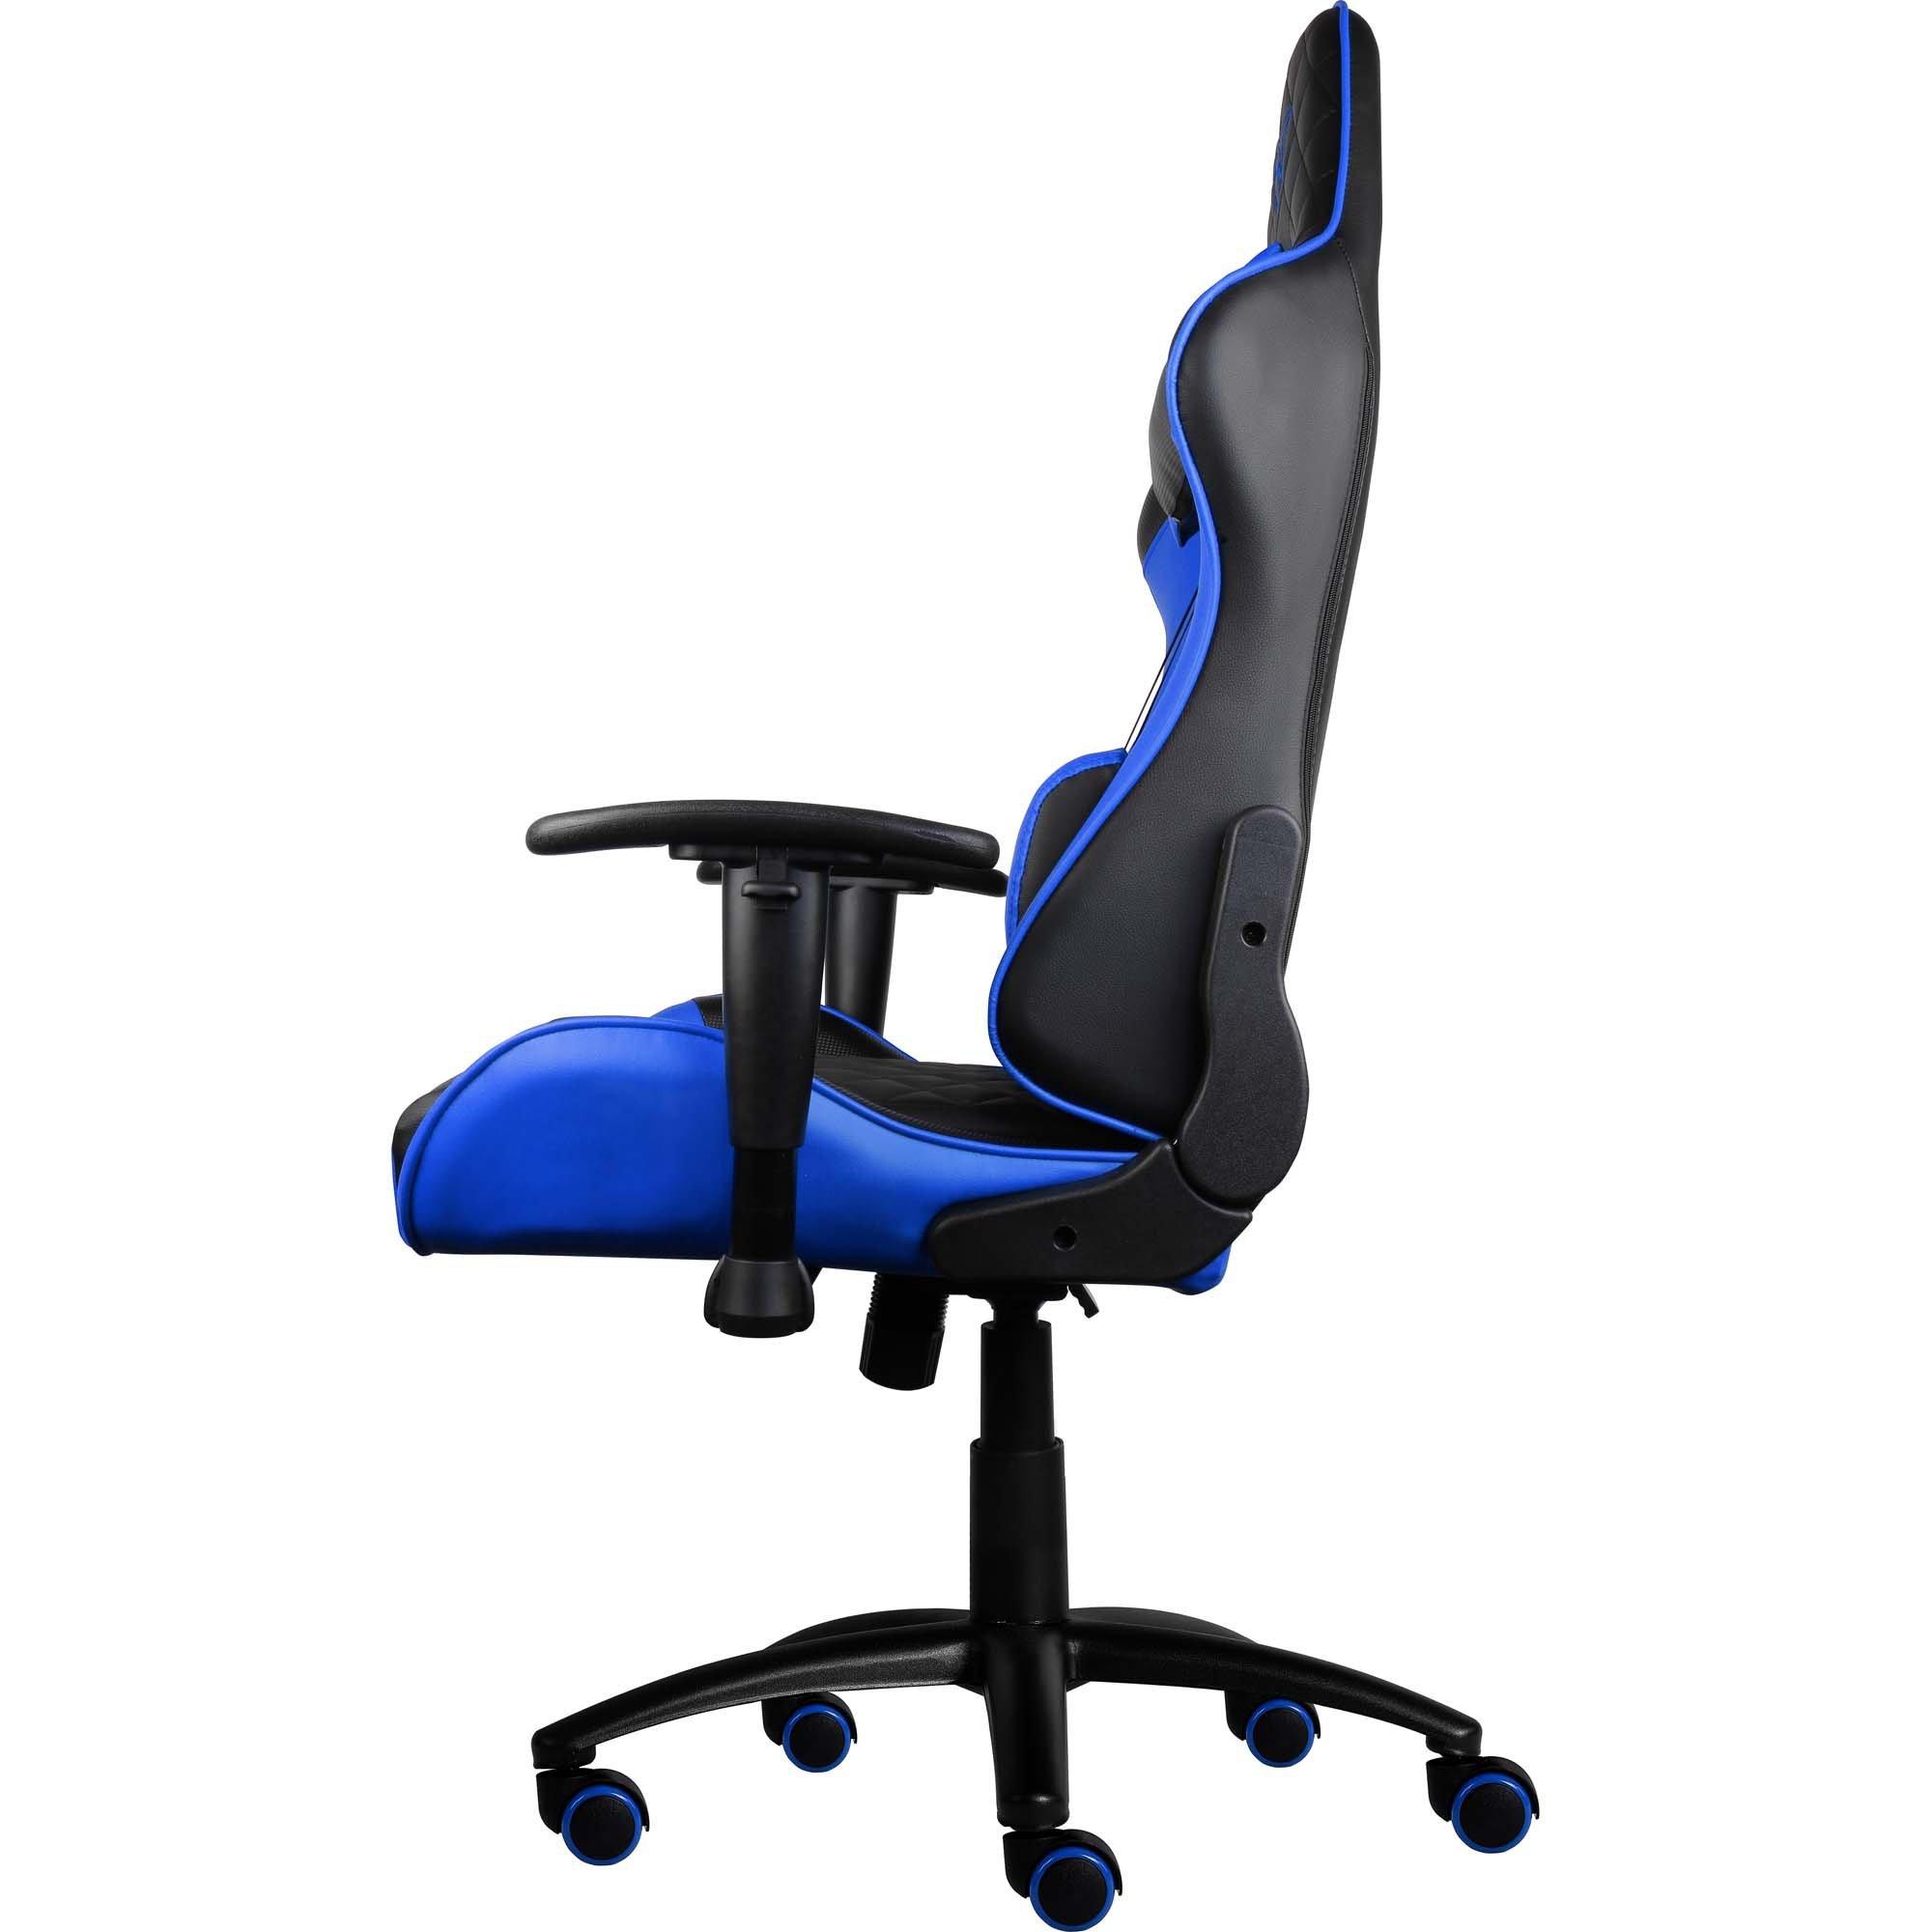 cadeira gamer aproveite enquanto durar o estoque preta azul thunderx3 profissional tgc12 43831 2000 191597 1